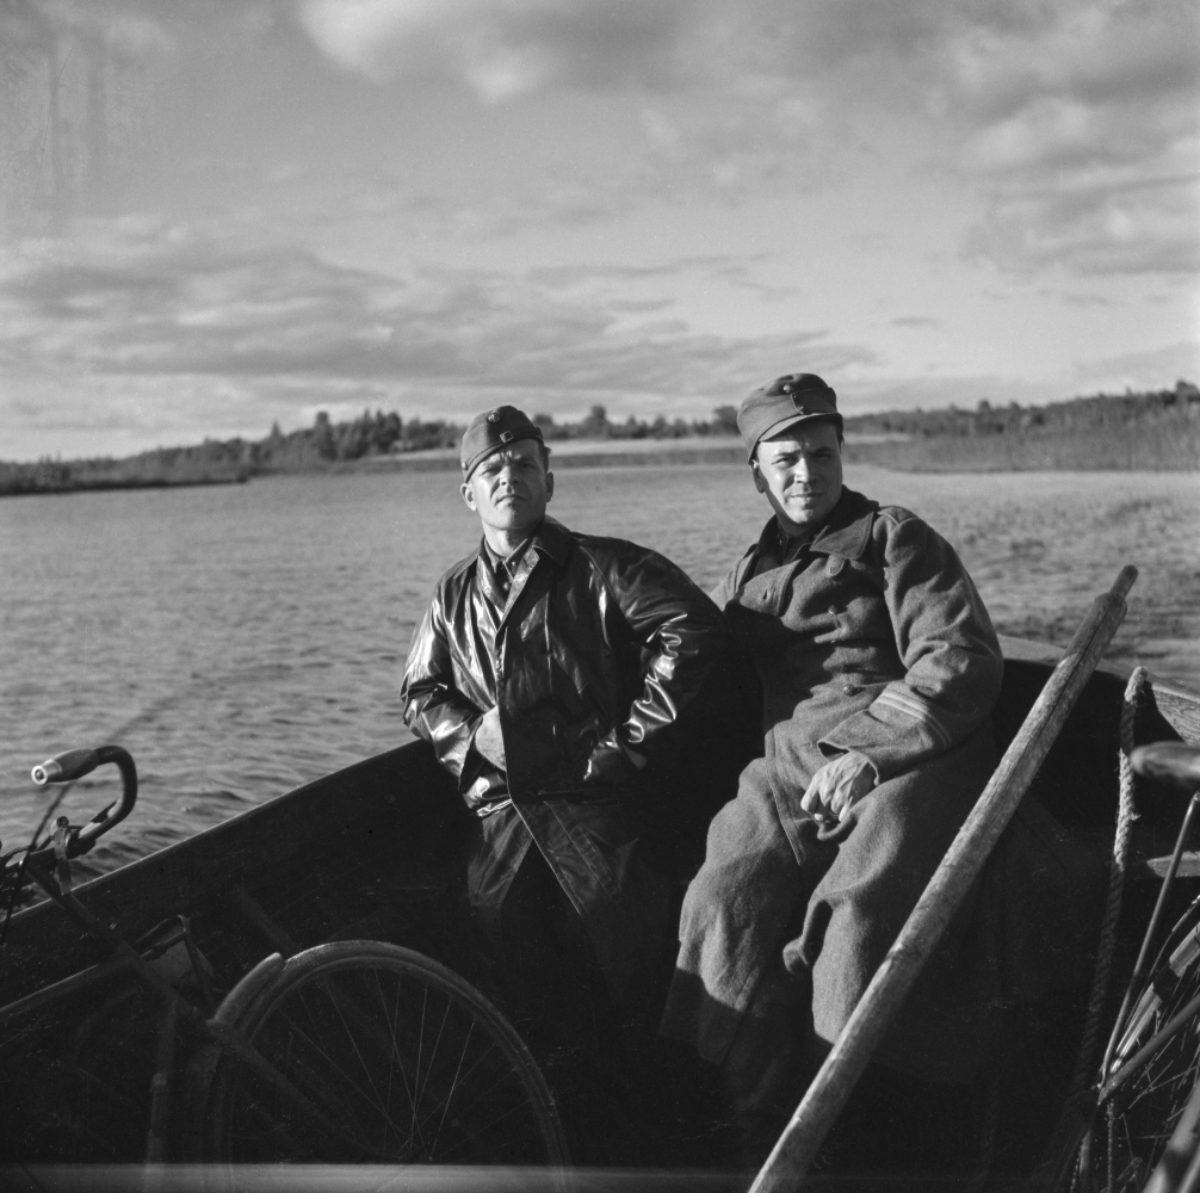 Kirjailija Oiva Paloheimo (vas.) ja luutnantti K. Nykänen Itä-Karjalassa, 1942–1943. Kuva: Eino Nikkilä / Museoviraston Kuvakokoelmat